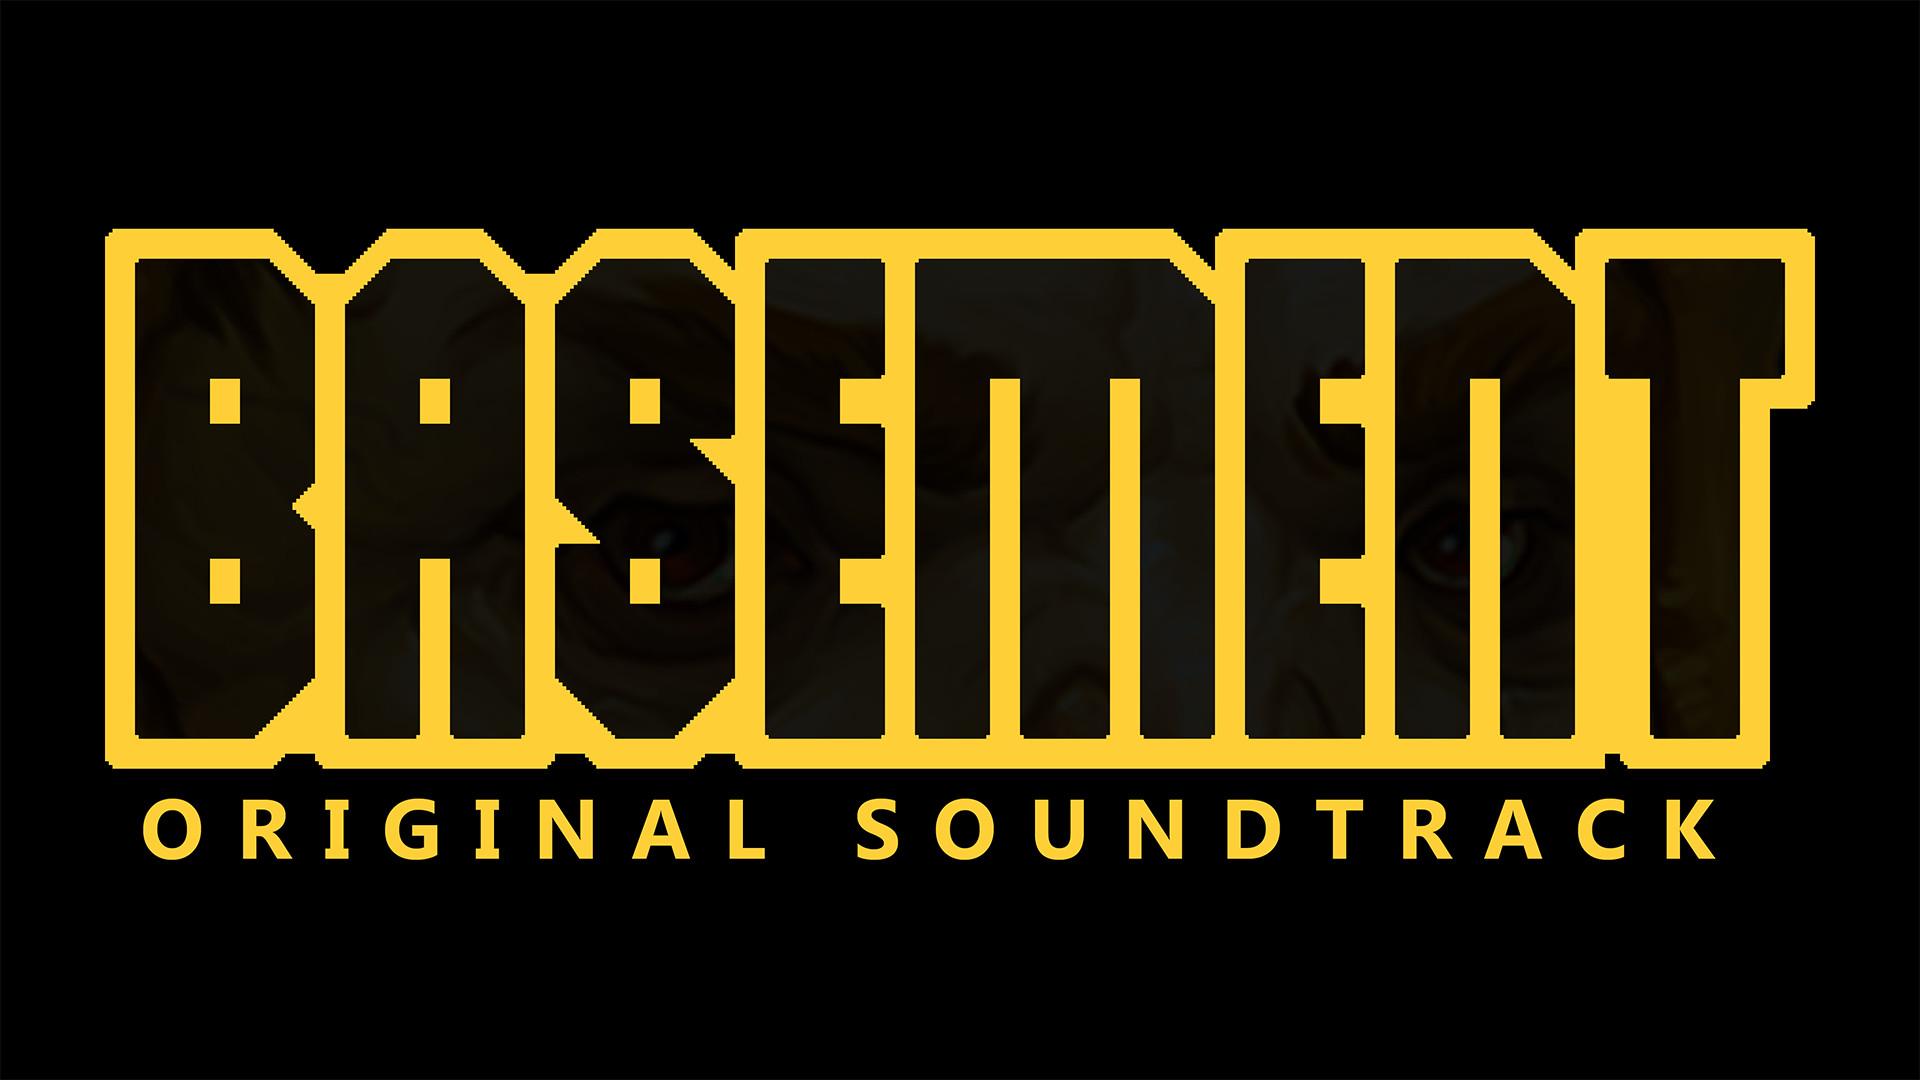 Basement - Original Soundtrack screenshot